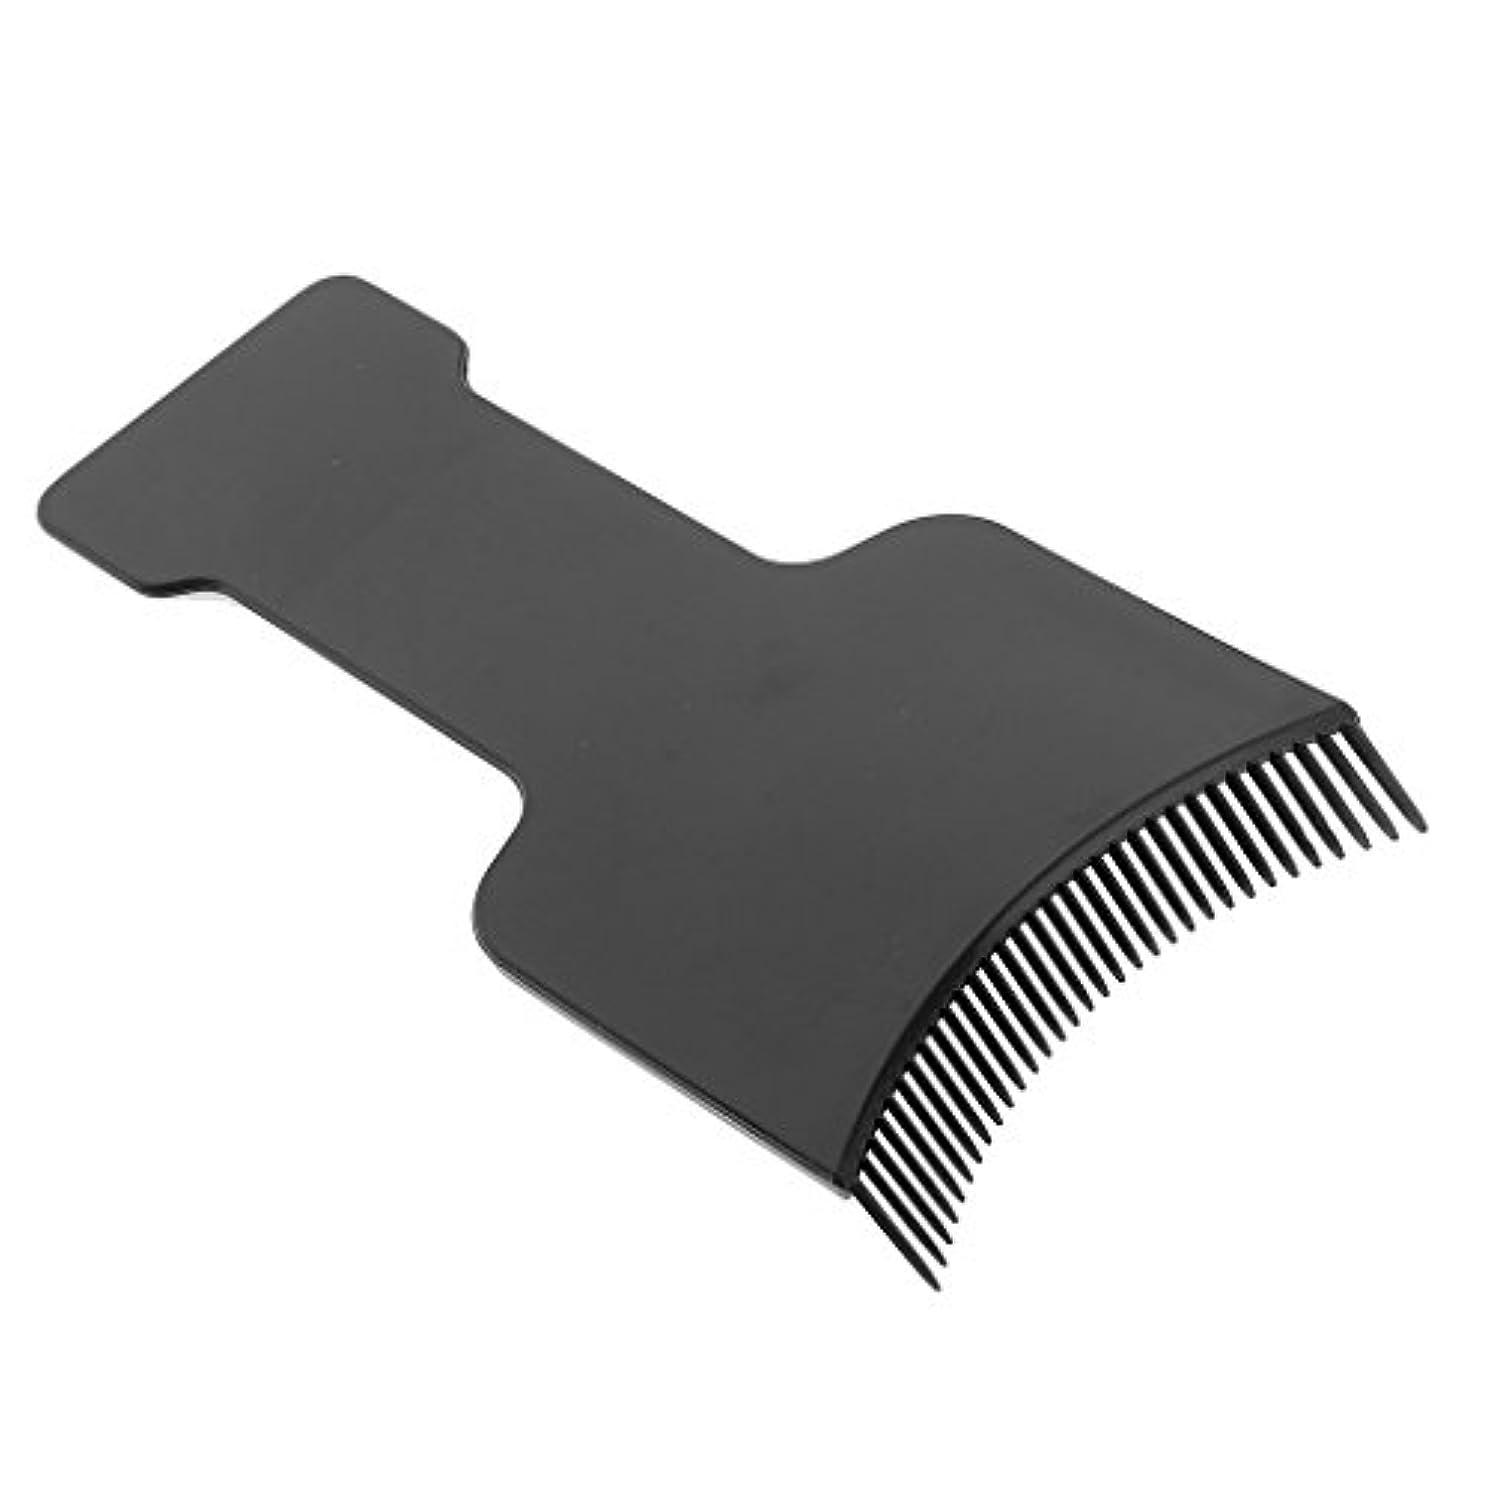 順番面積三角Baosity サロン ヘアカラー ボード ヘア 染色 ツール ブラック 全4サイズ - S